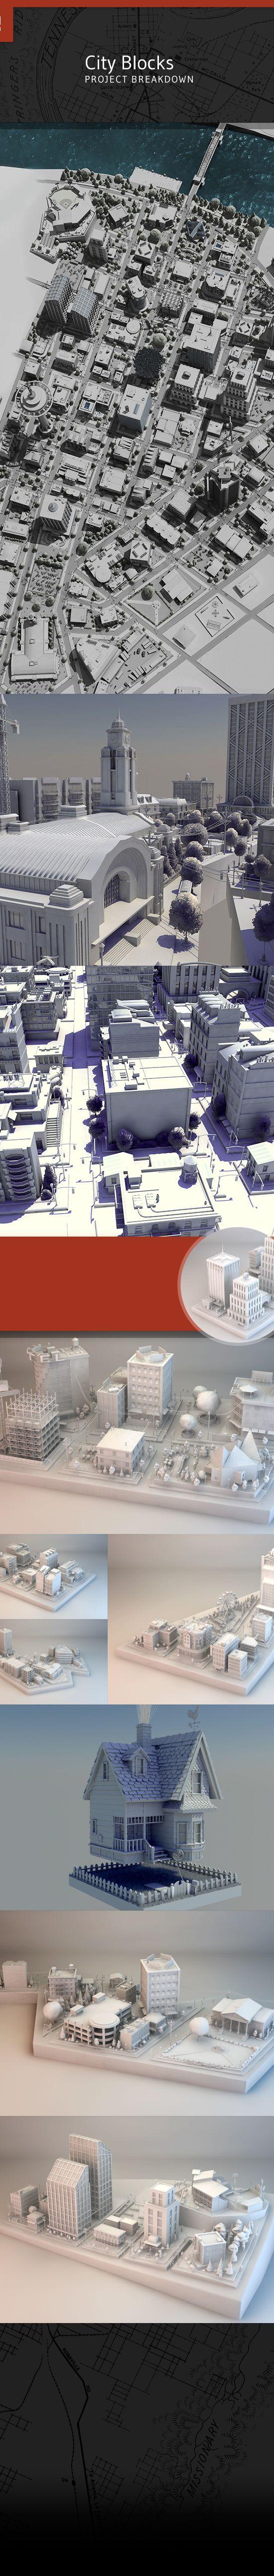 https://www.behance.net/gallery/19957587/3D-City-Blocks